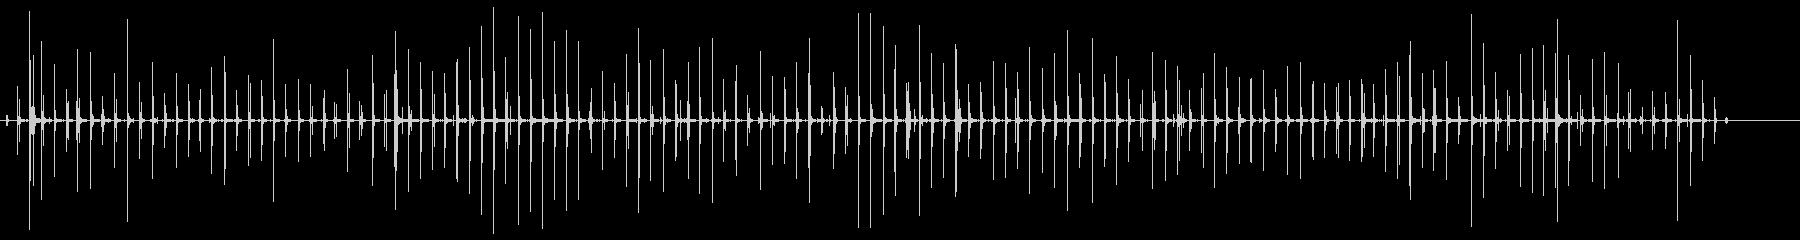 硬いコンクリートのステップ-ハイヒ...の未再生の波形